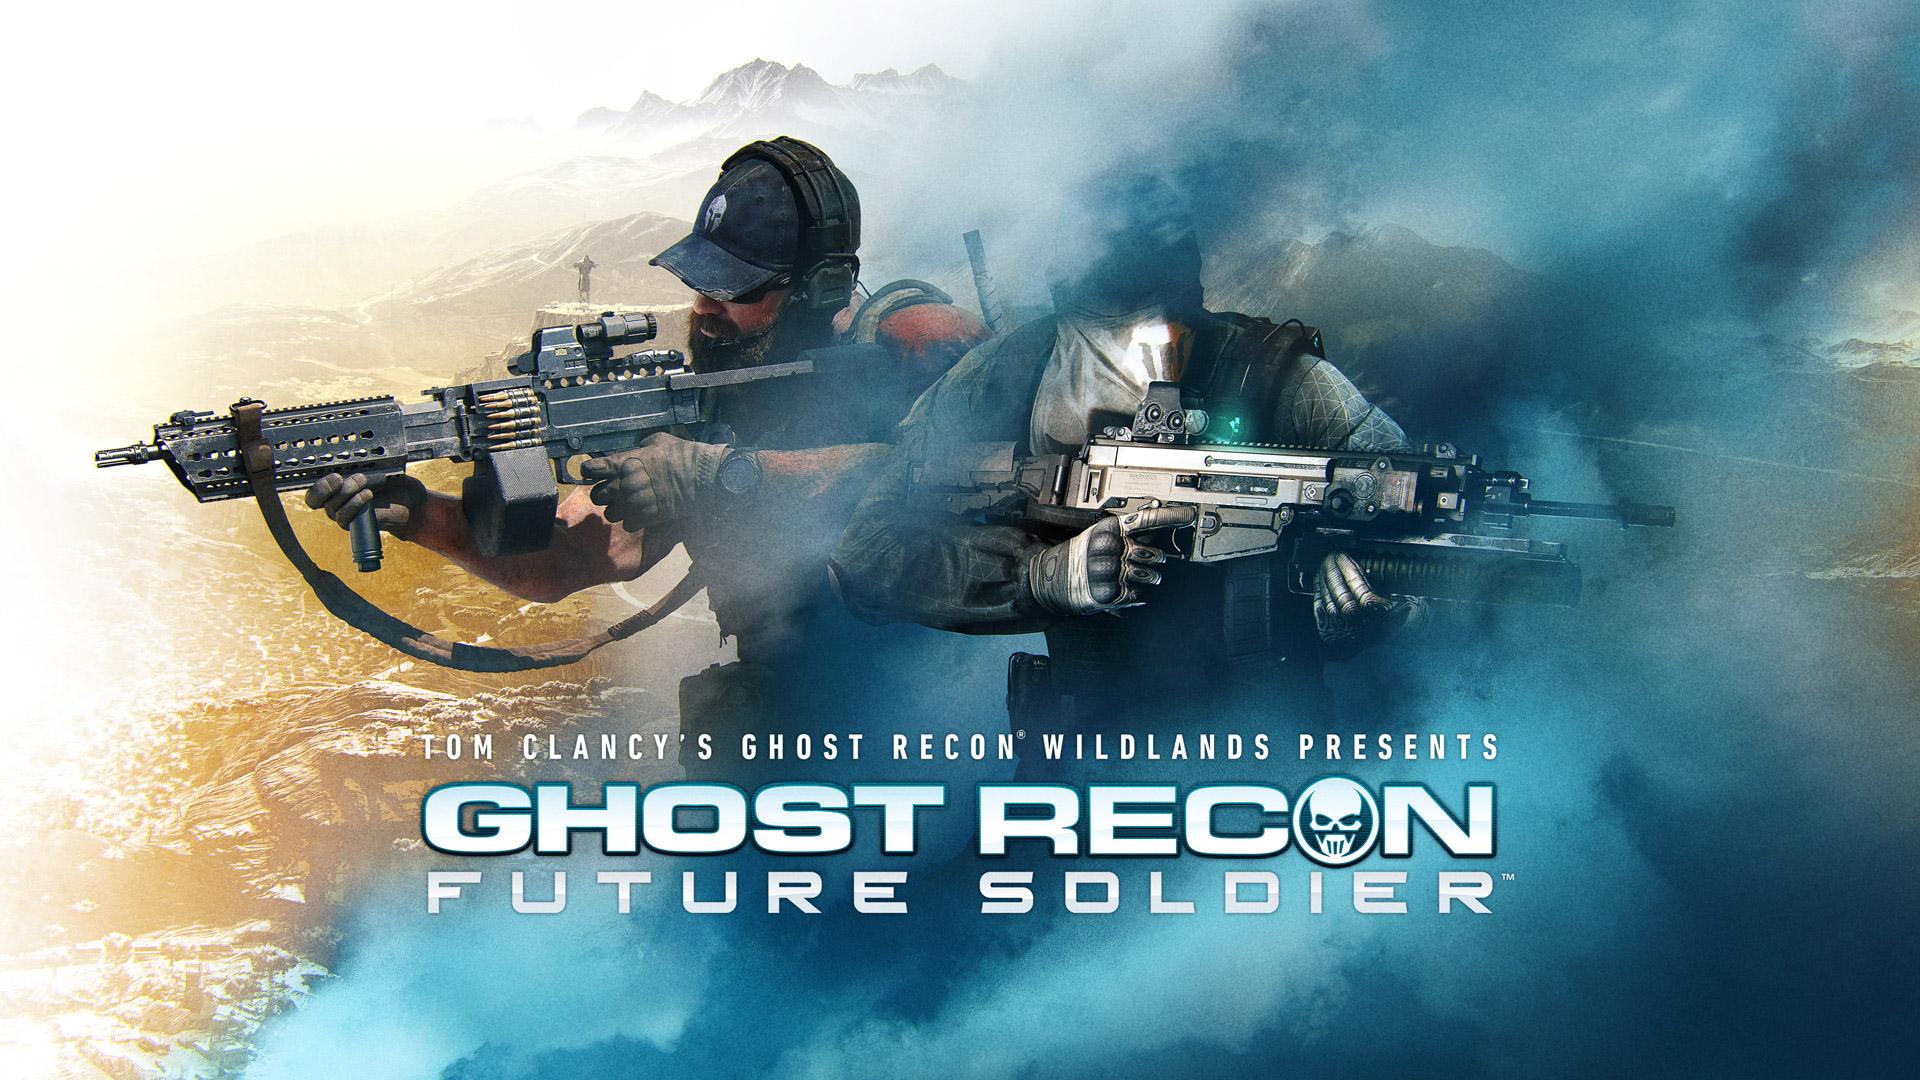 Ghost Recon: Wildlands Wallpaper in 1920x1080